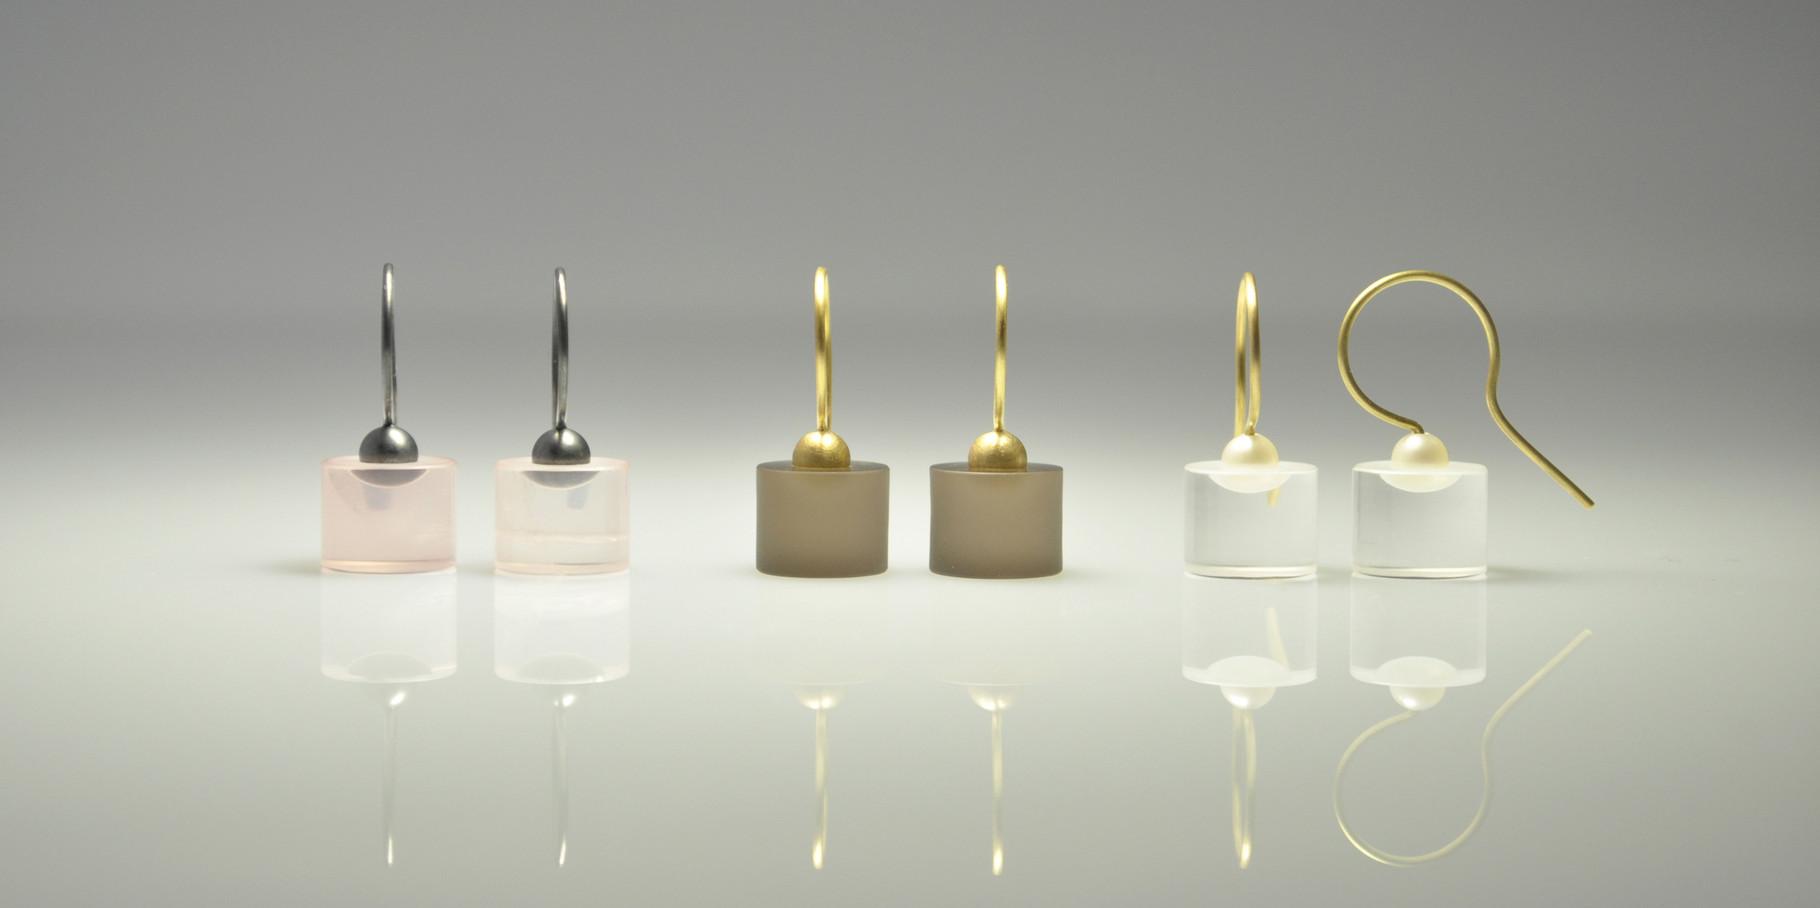 Rosenquarz & Silber, Rauchquarz & 750/- Gelbgold, Bergkristall, Akoyaperle & 750/- Gelbgold